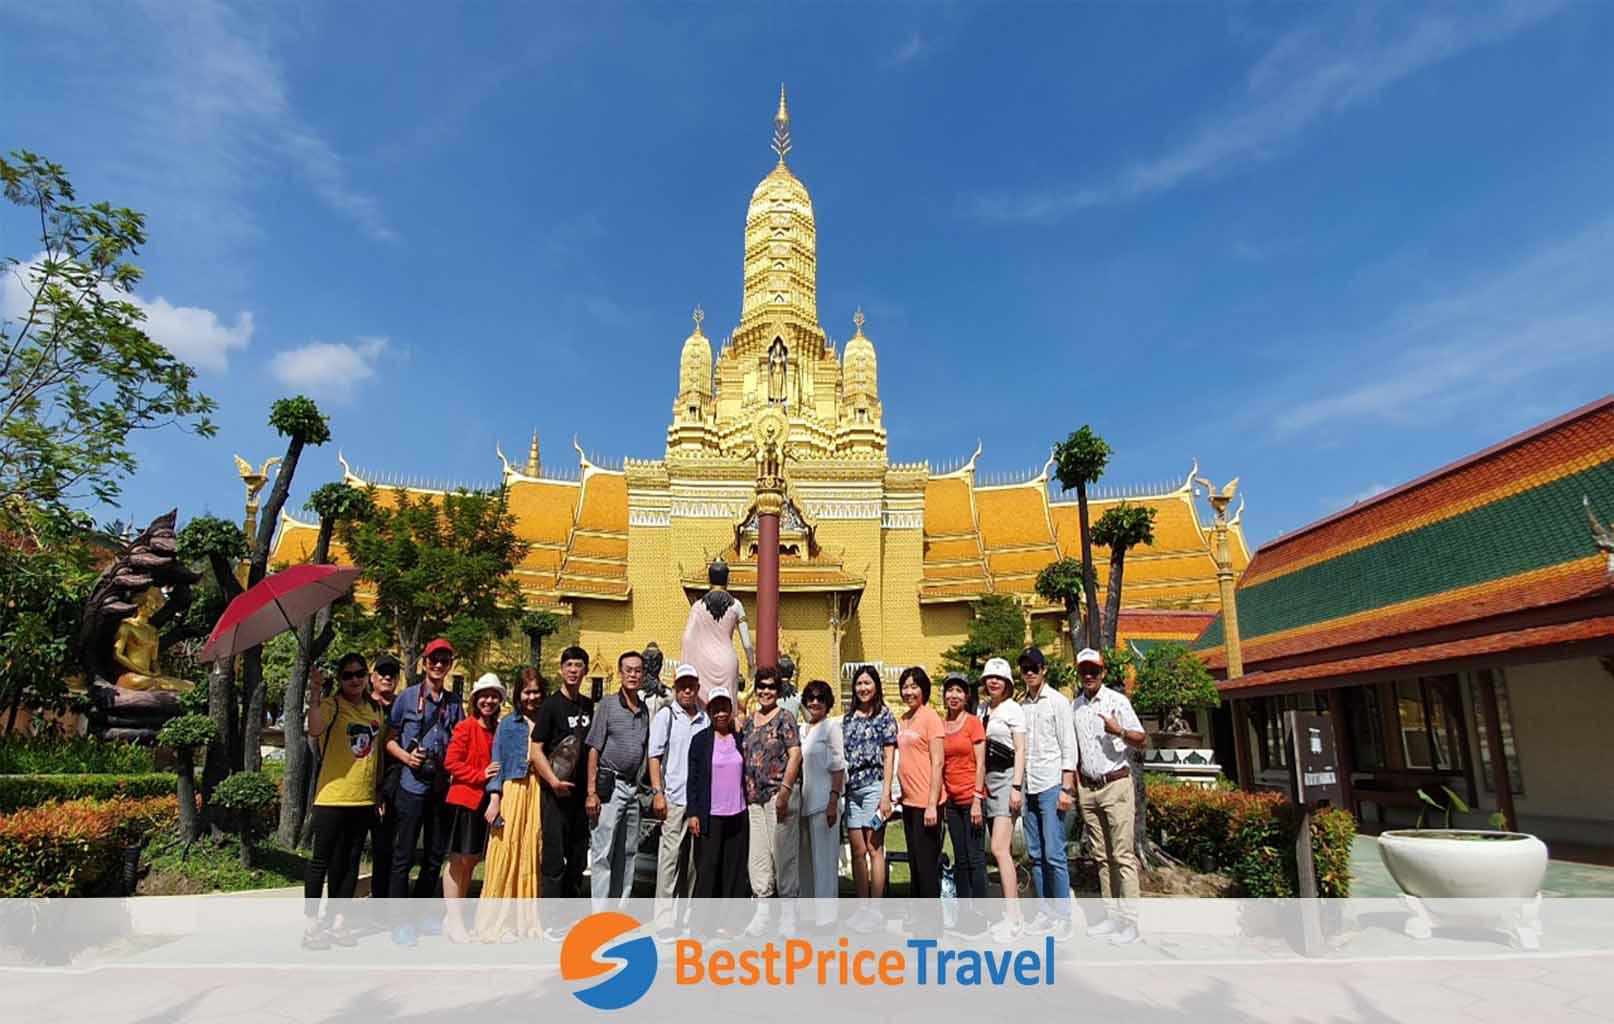 Hình ảnh khách hàng BestPrice tại Muang Boran